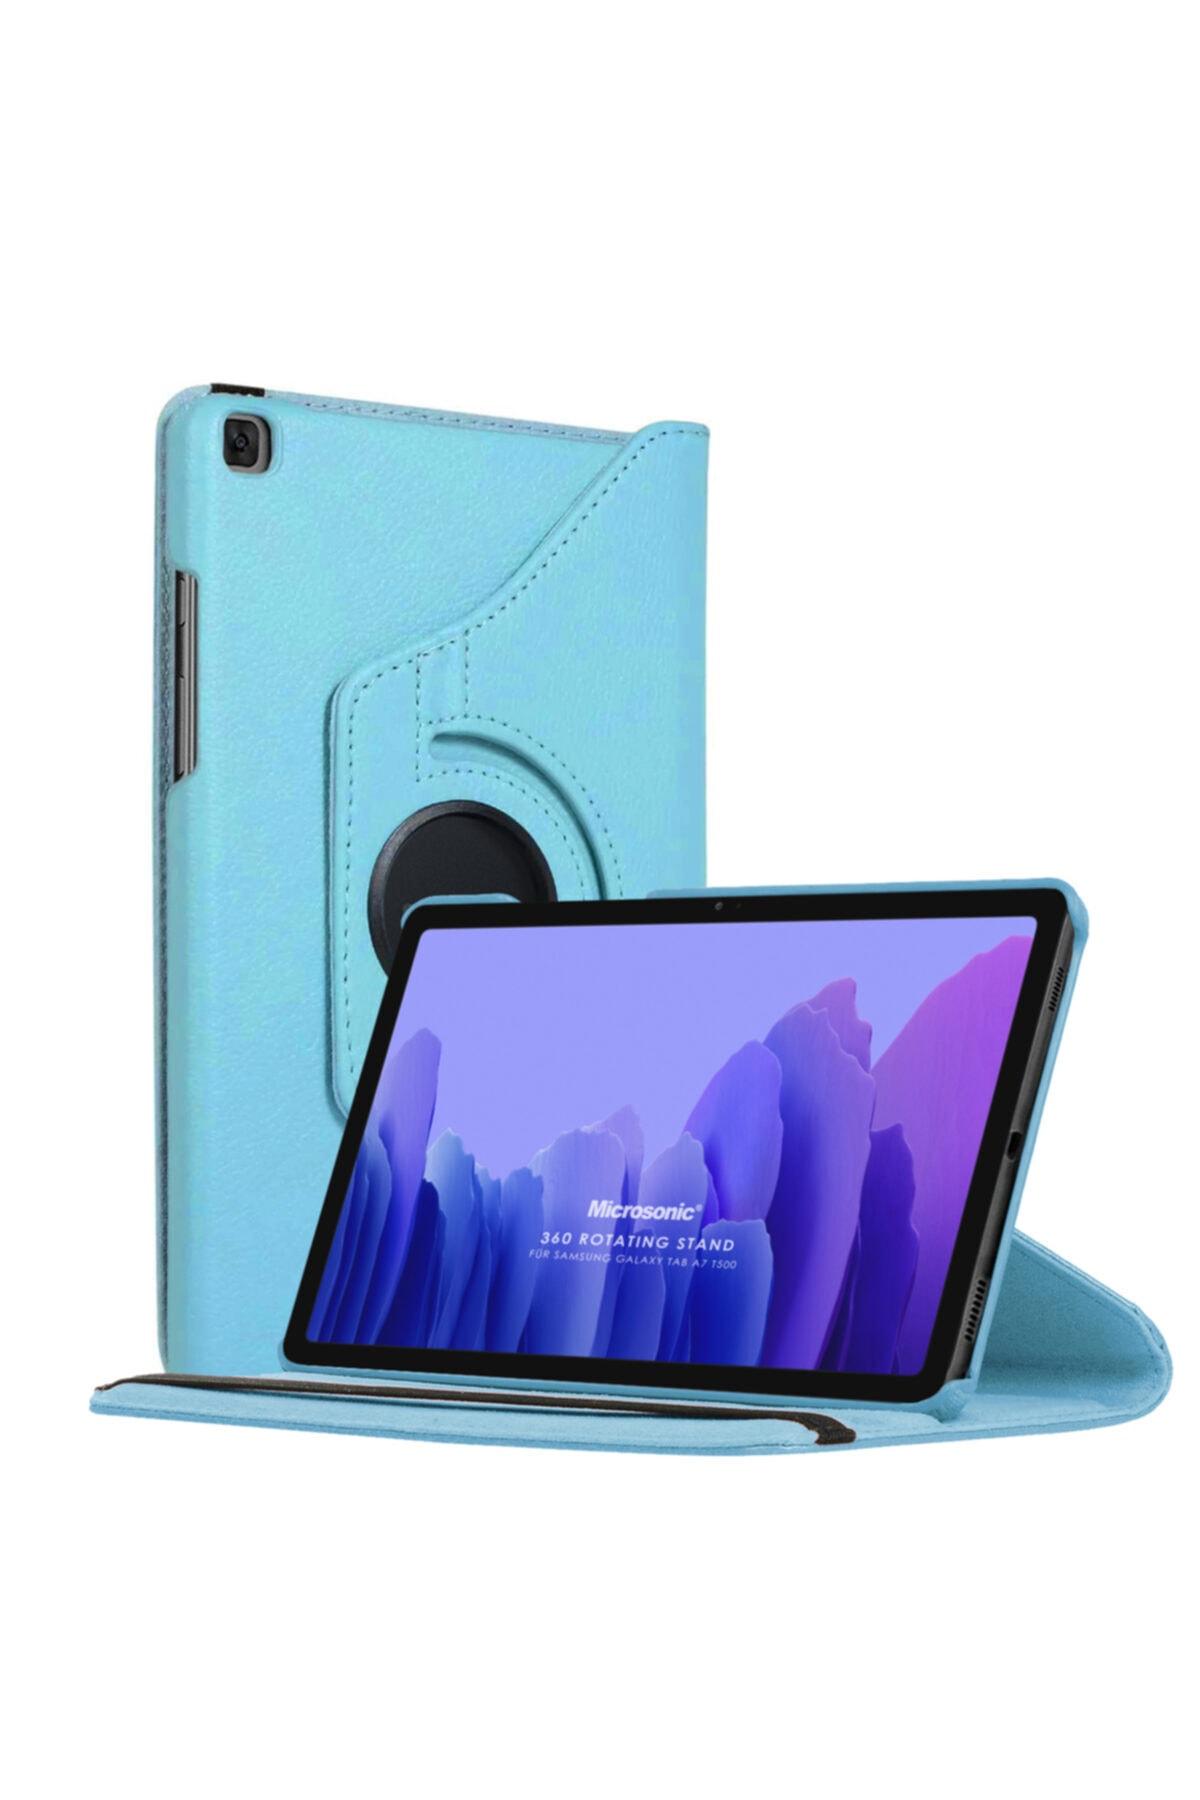 Microsonic Microsonic Galaxy Tab A7 T500 Kılıf 360 Rotating Deri Mavi 1